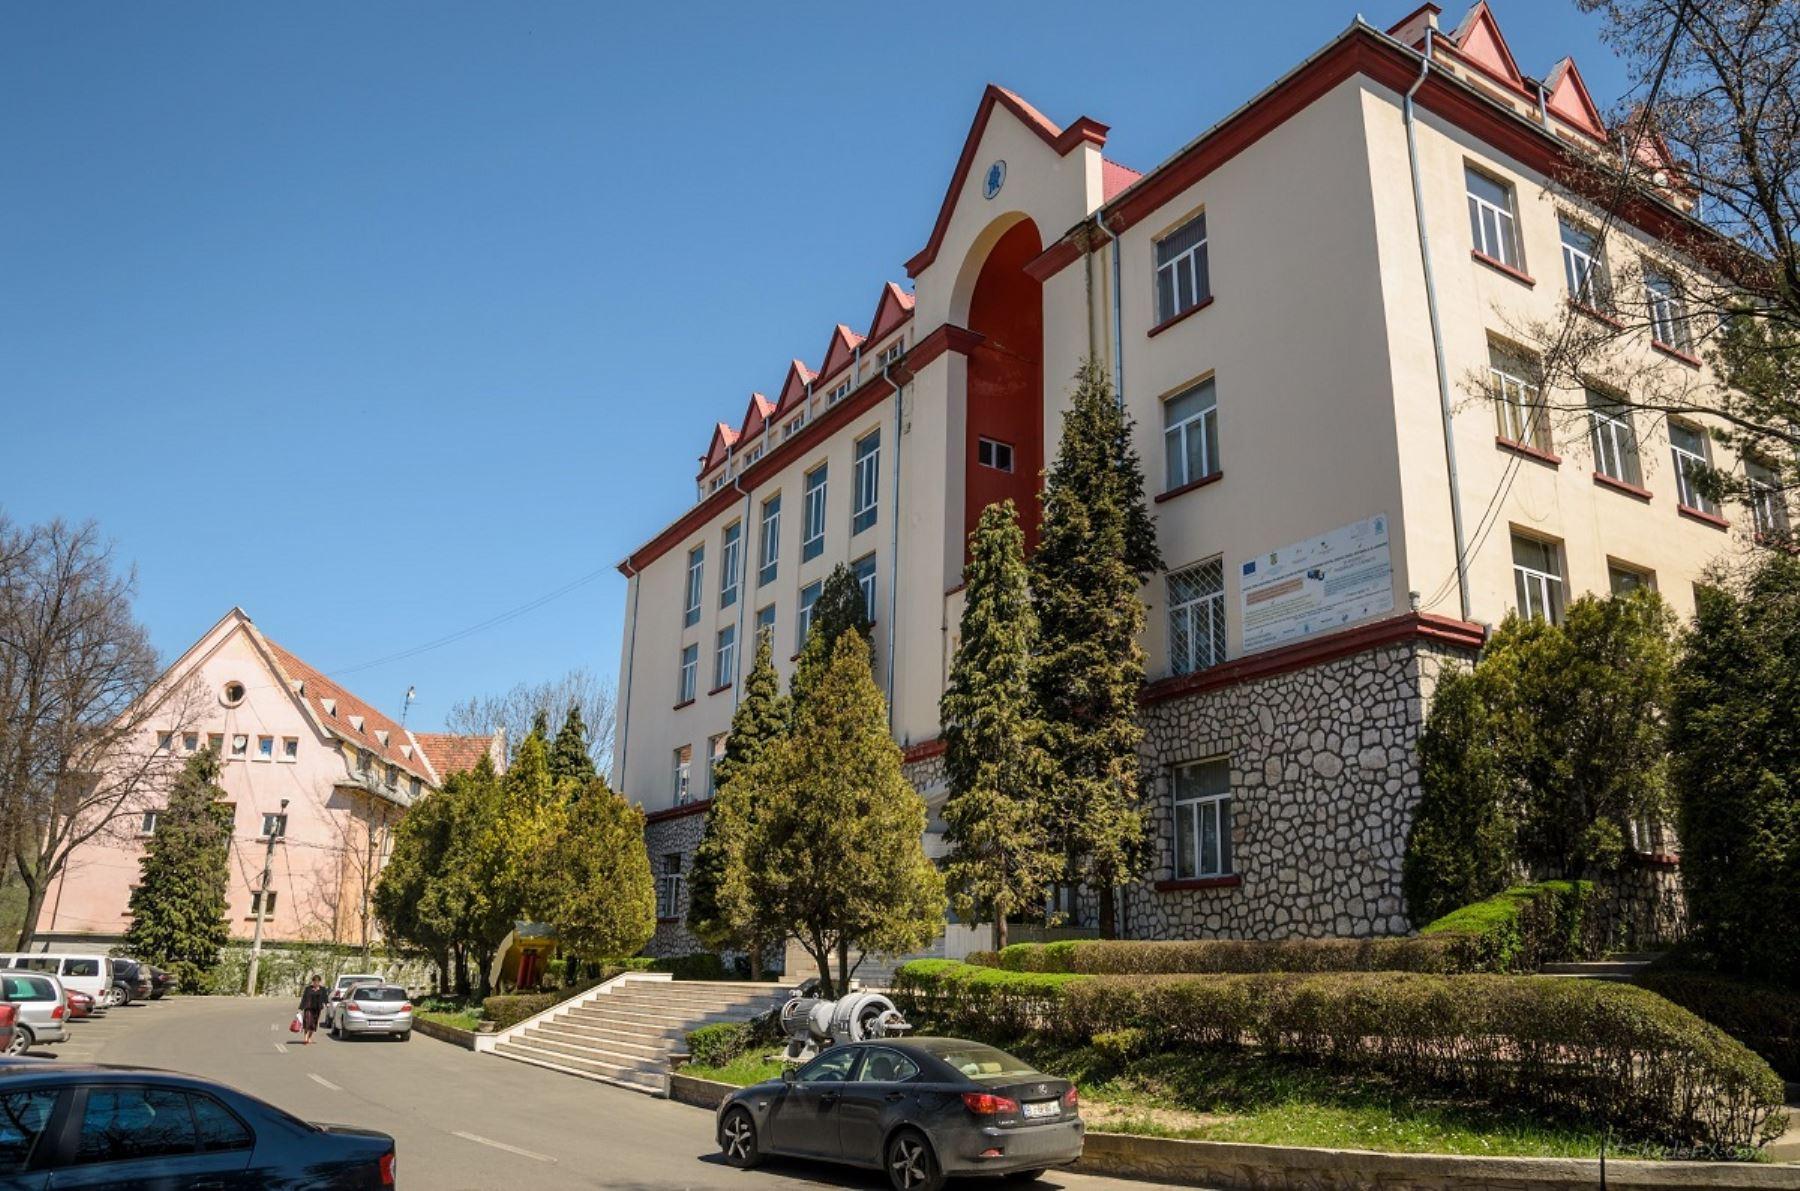 Rumania ofrece becas parciales para estudios superiores y de posgrado